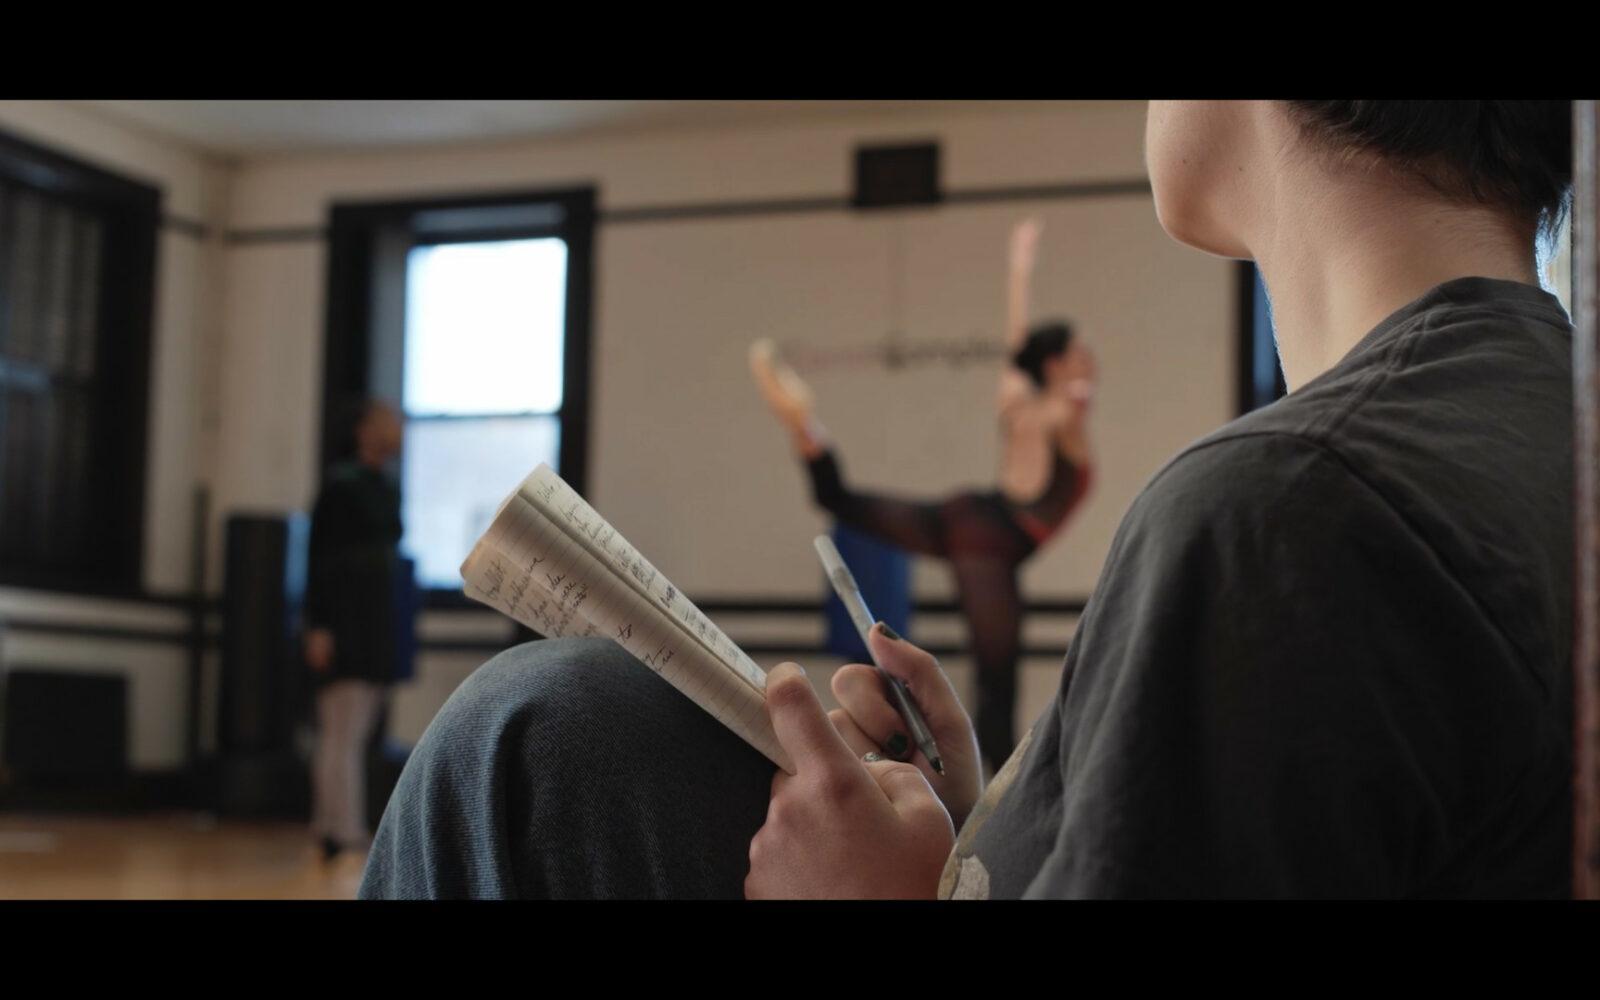 A dance class.